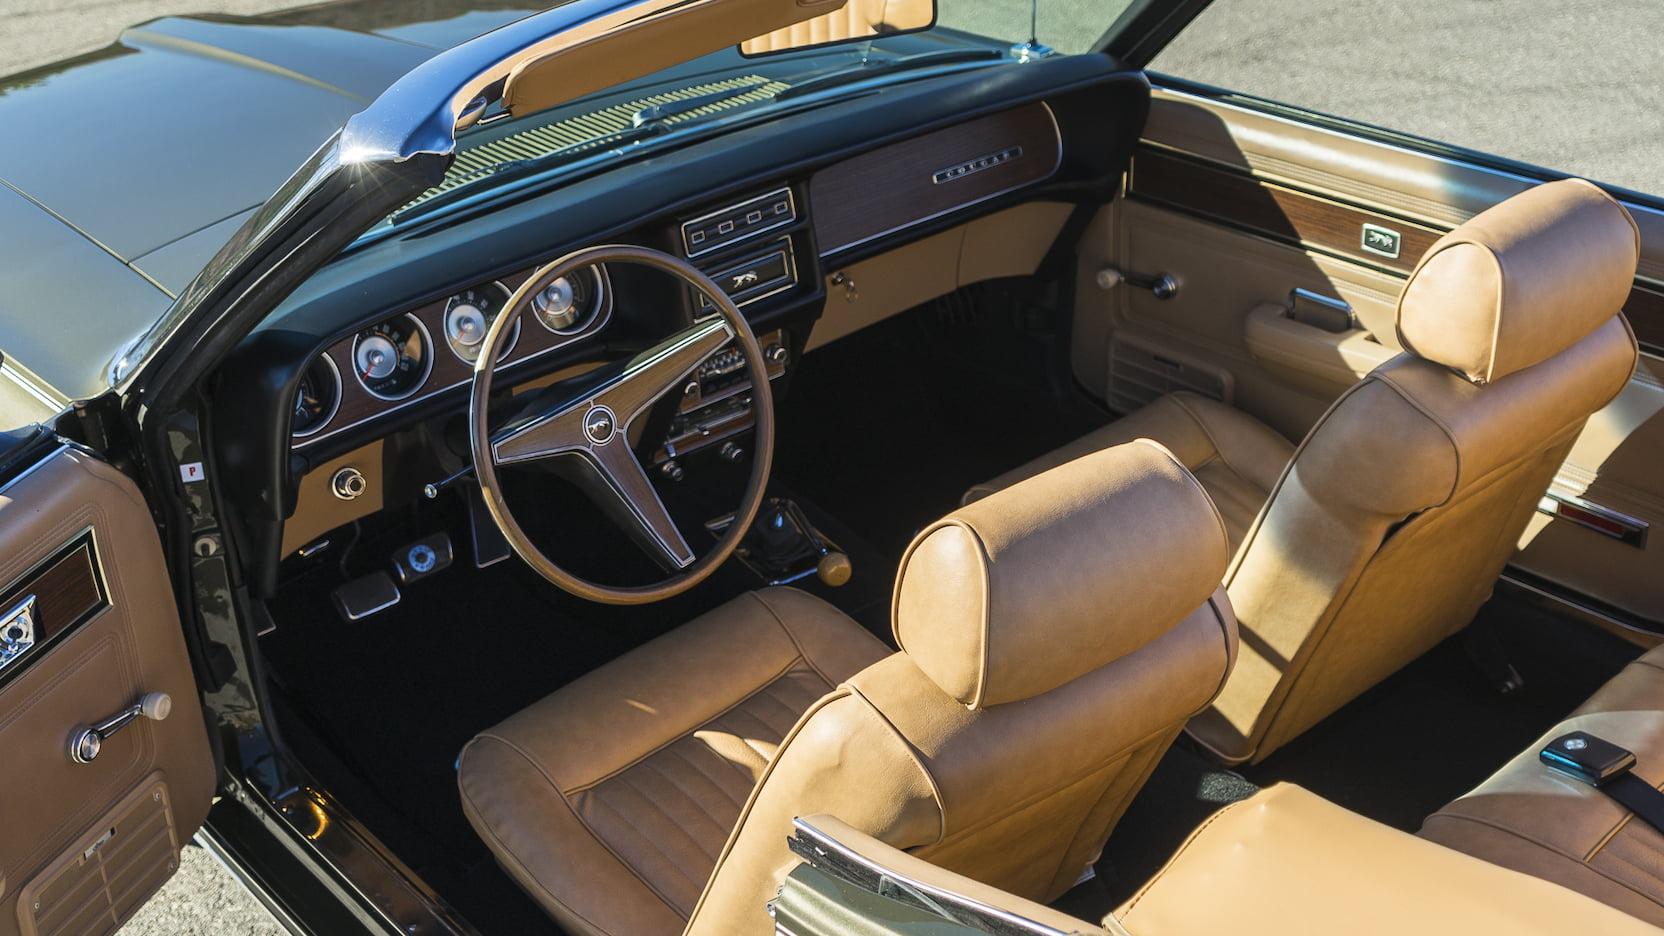 1969 Mercury Cougar interior